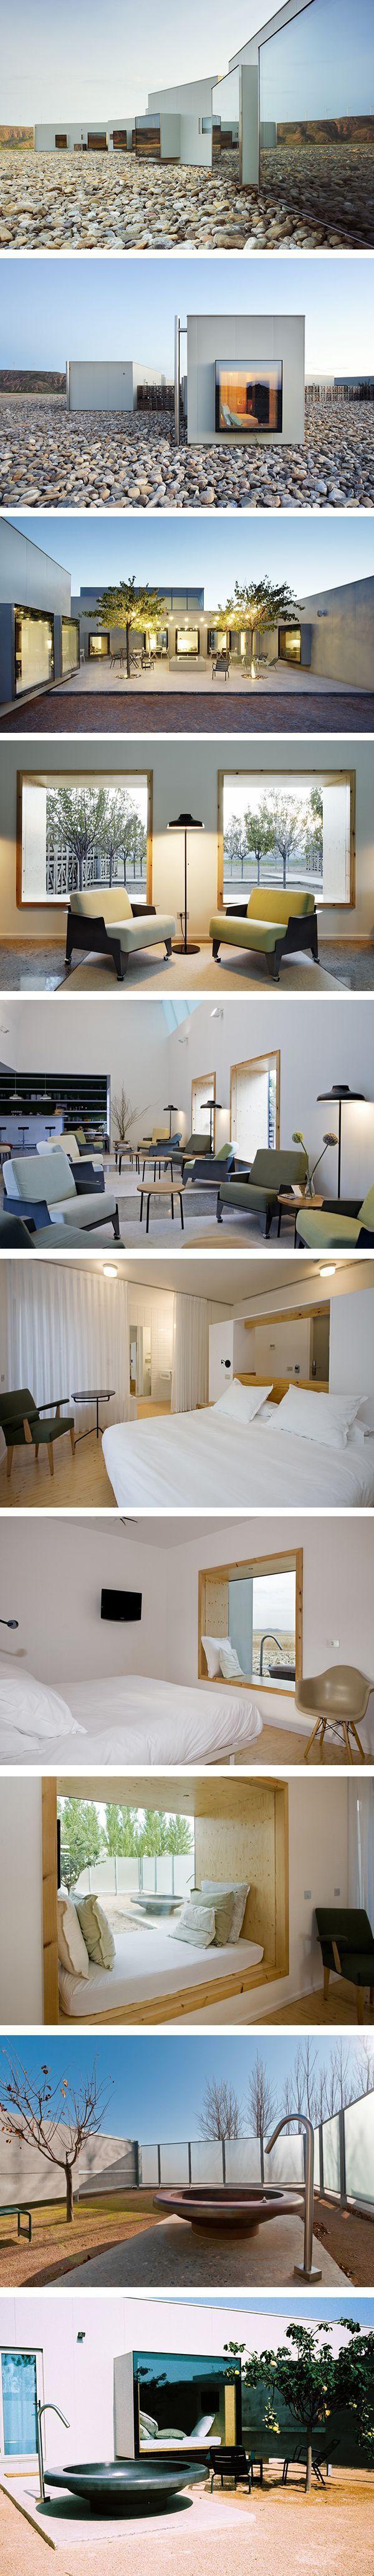 Mi descubrimiento de esta semana!! Un B&B y un hotellocalizados en unosemplazamientos inigualables. El primero,en el parque natural de la Geria (Lanzarote)y el otro en el Parque Natural de …